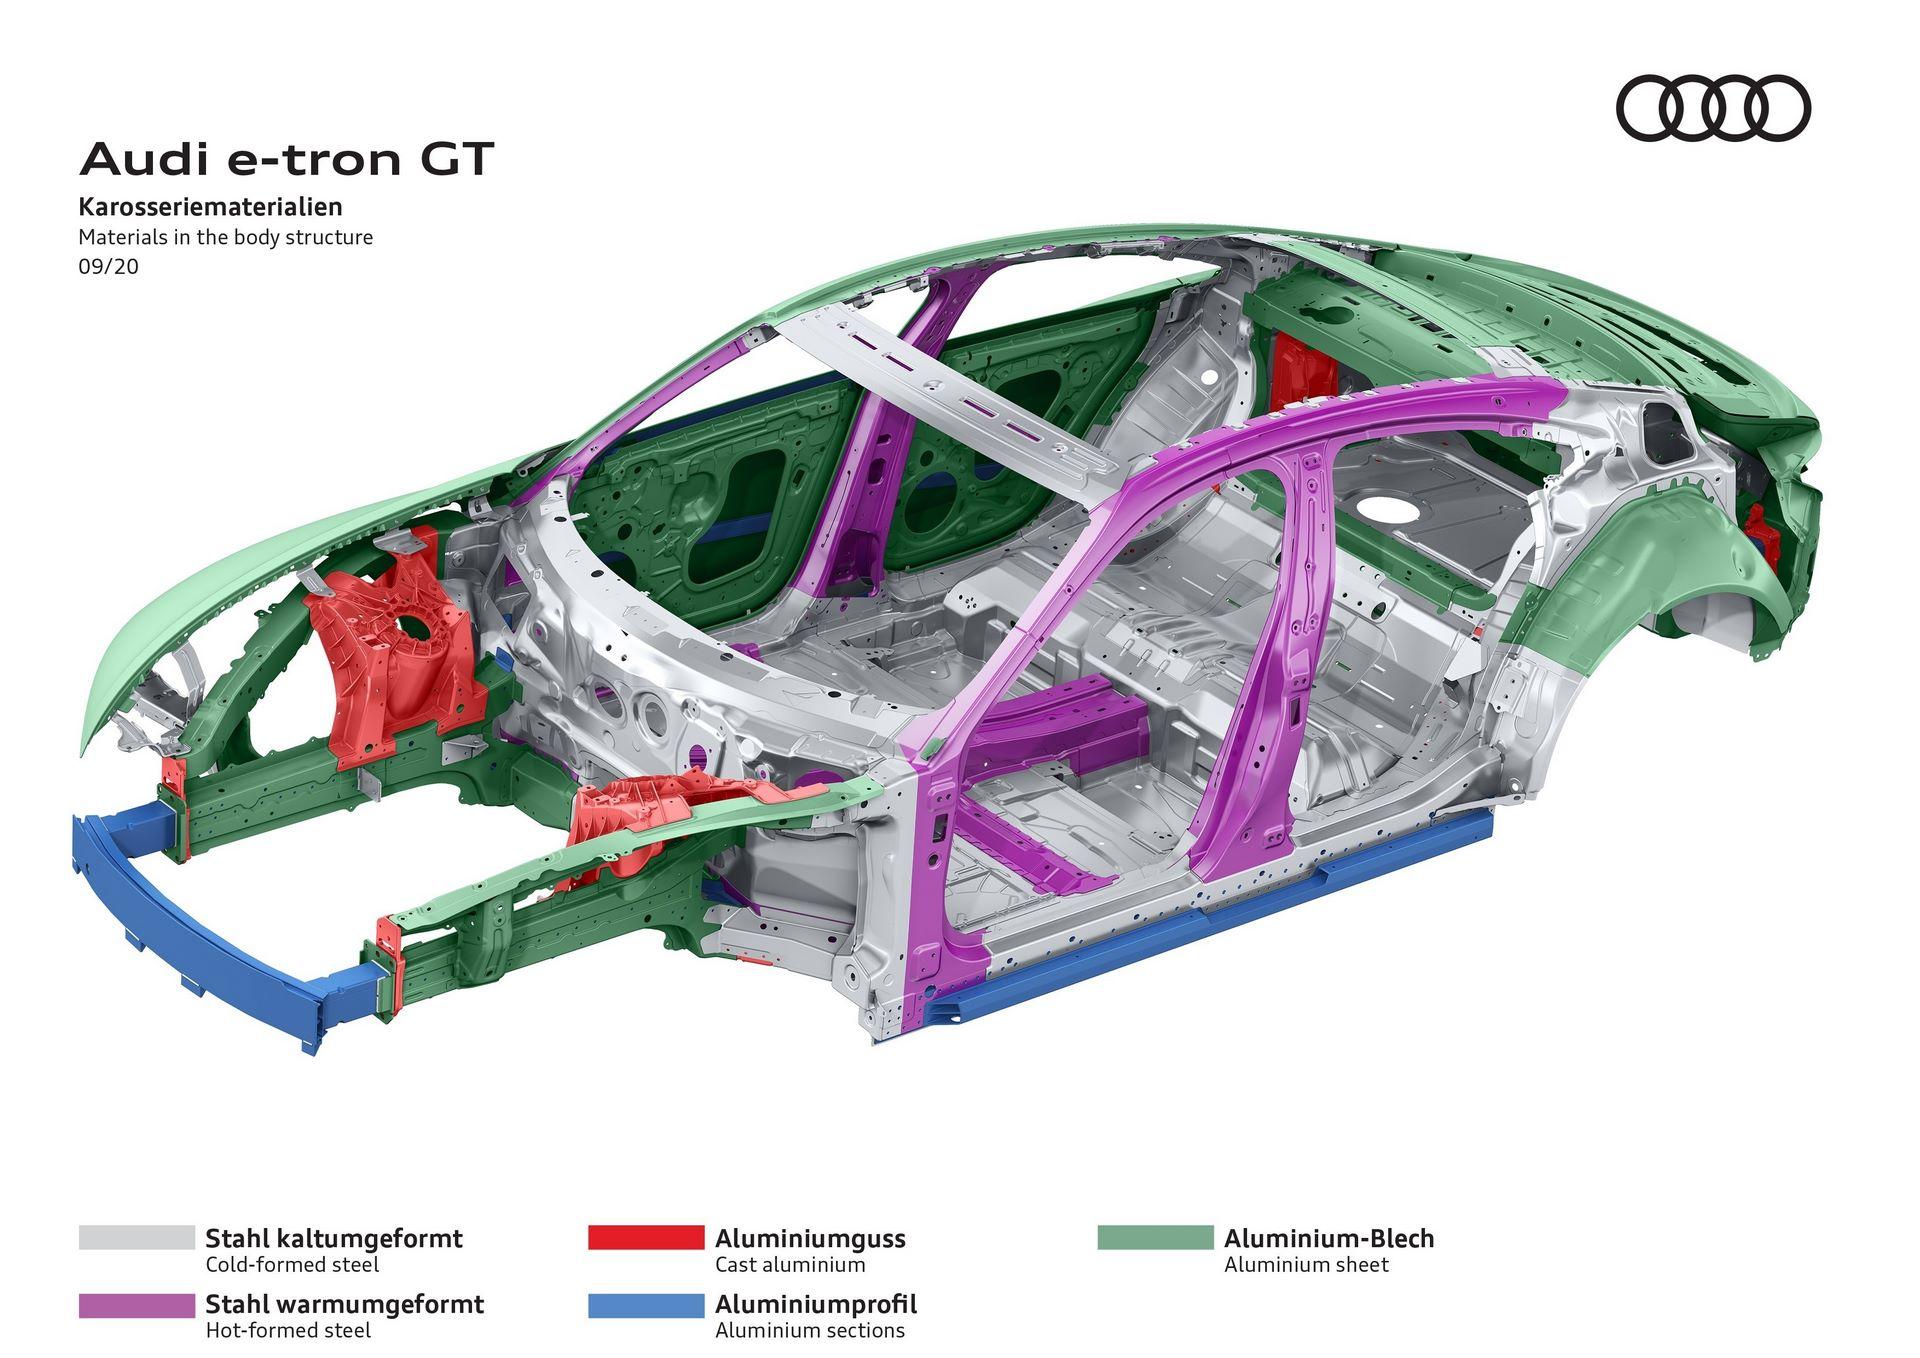 Audi-e-tron-GT-47